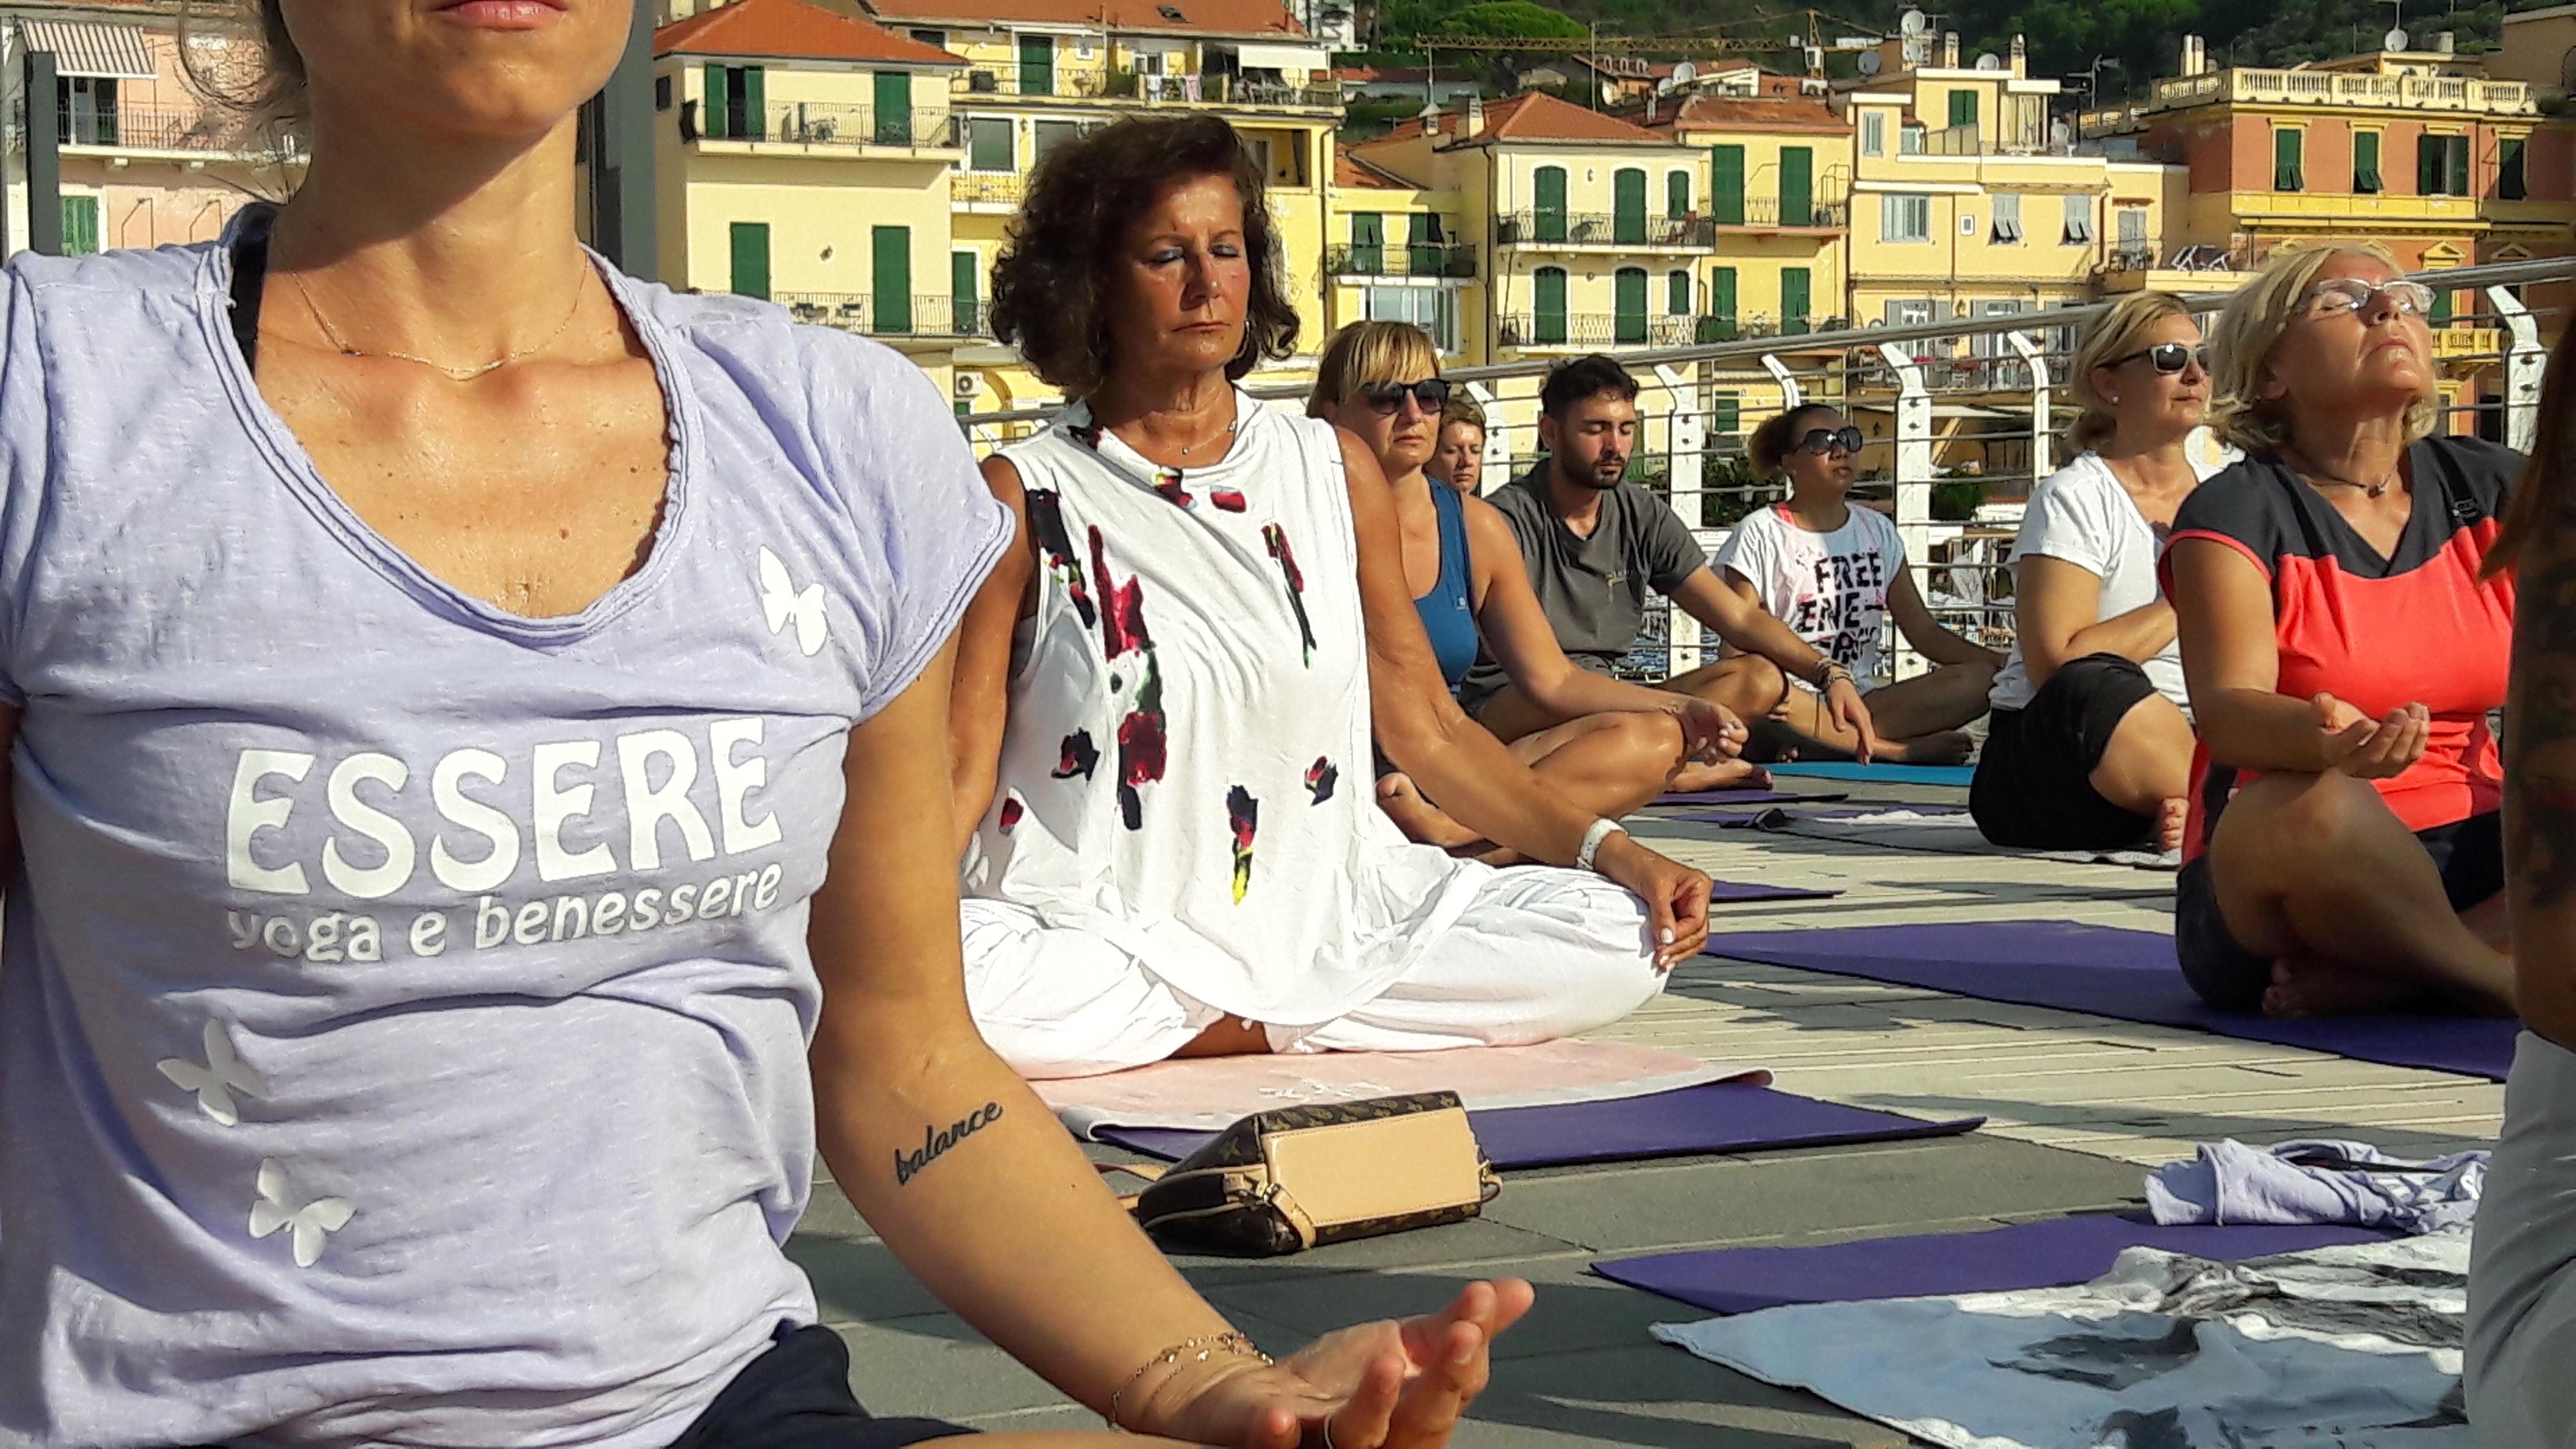 1_essere-free-yoga-gratuito-benessere-per-tutti-village-citta-alassio-estate-lucia-ragazzi-summer-town-wellness-113